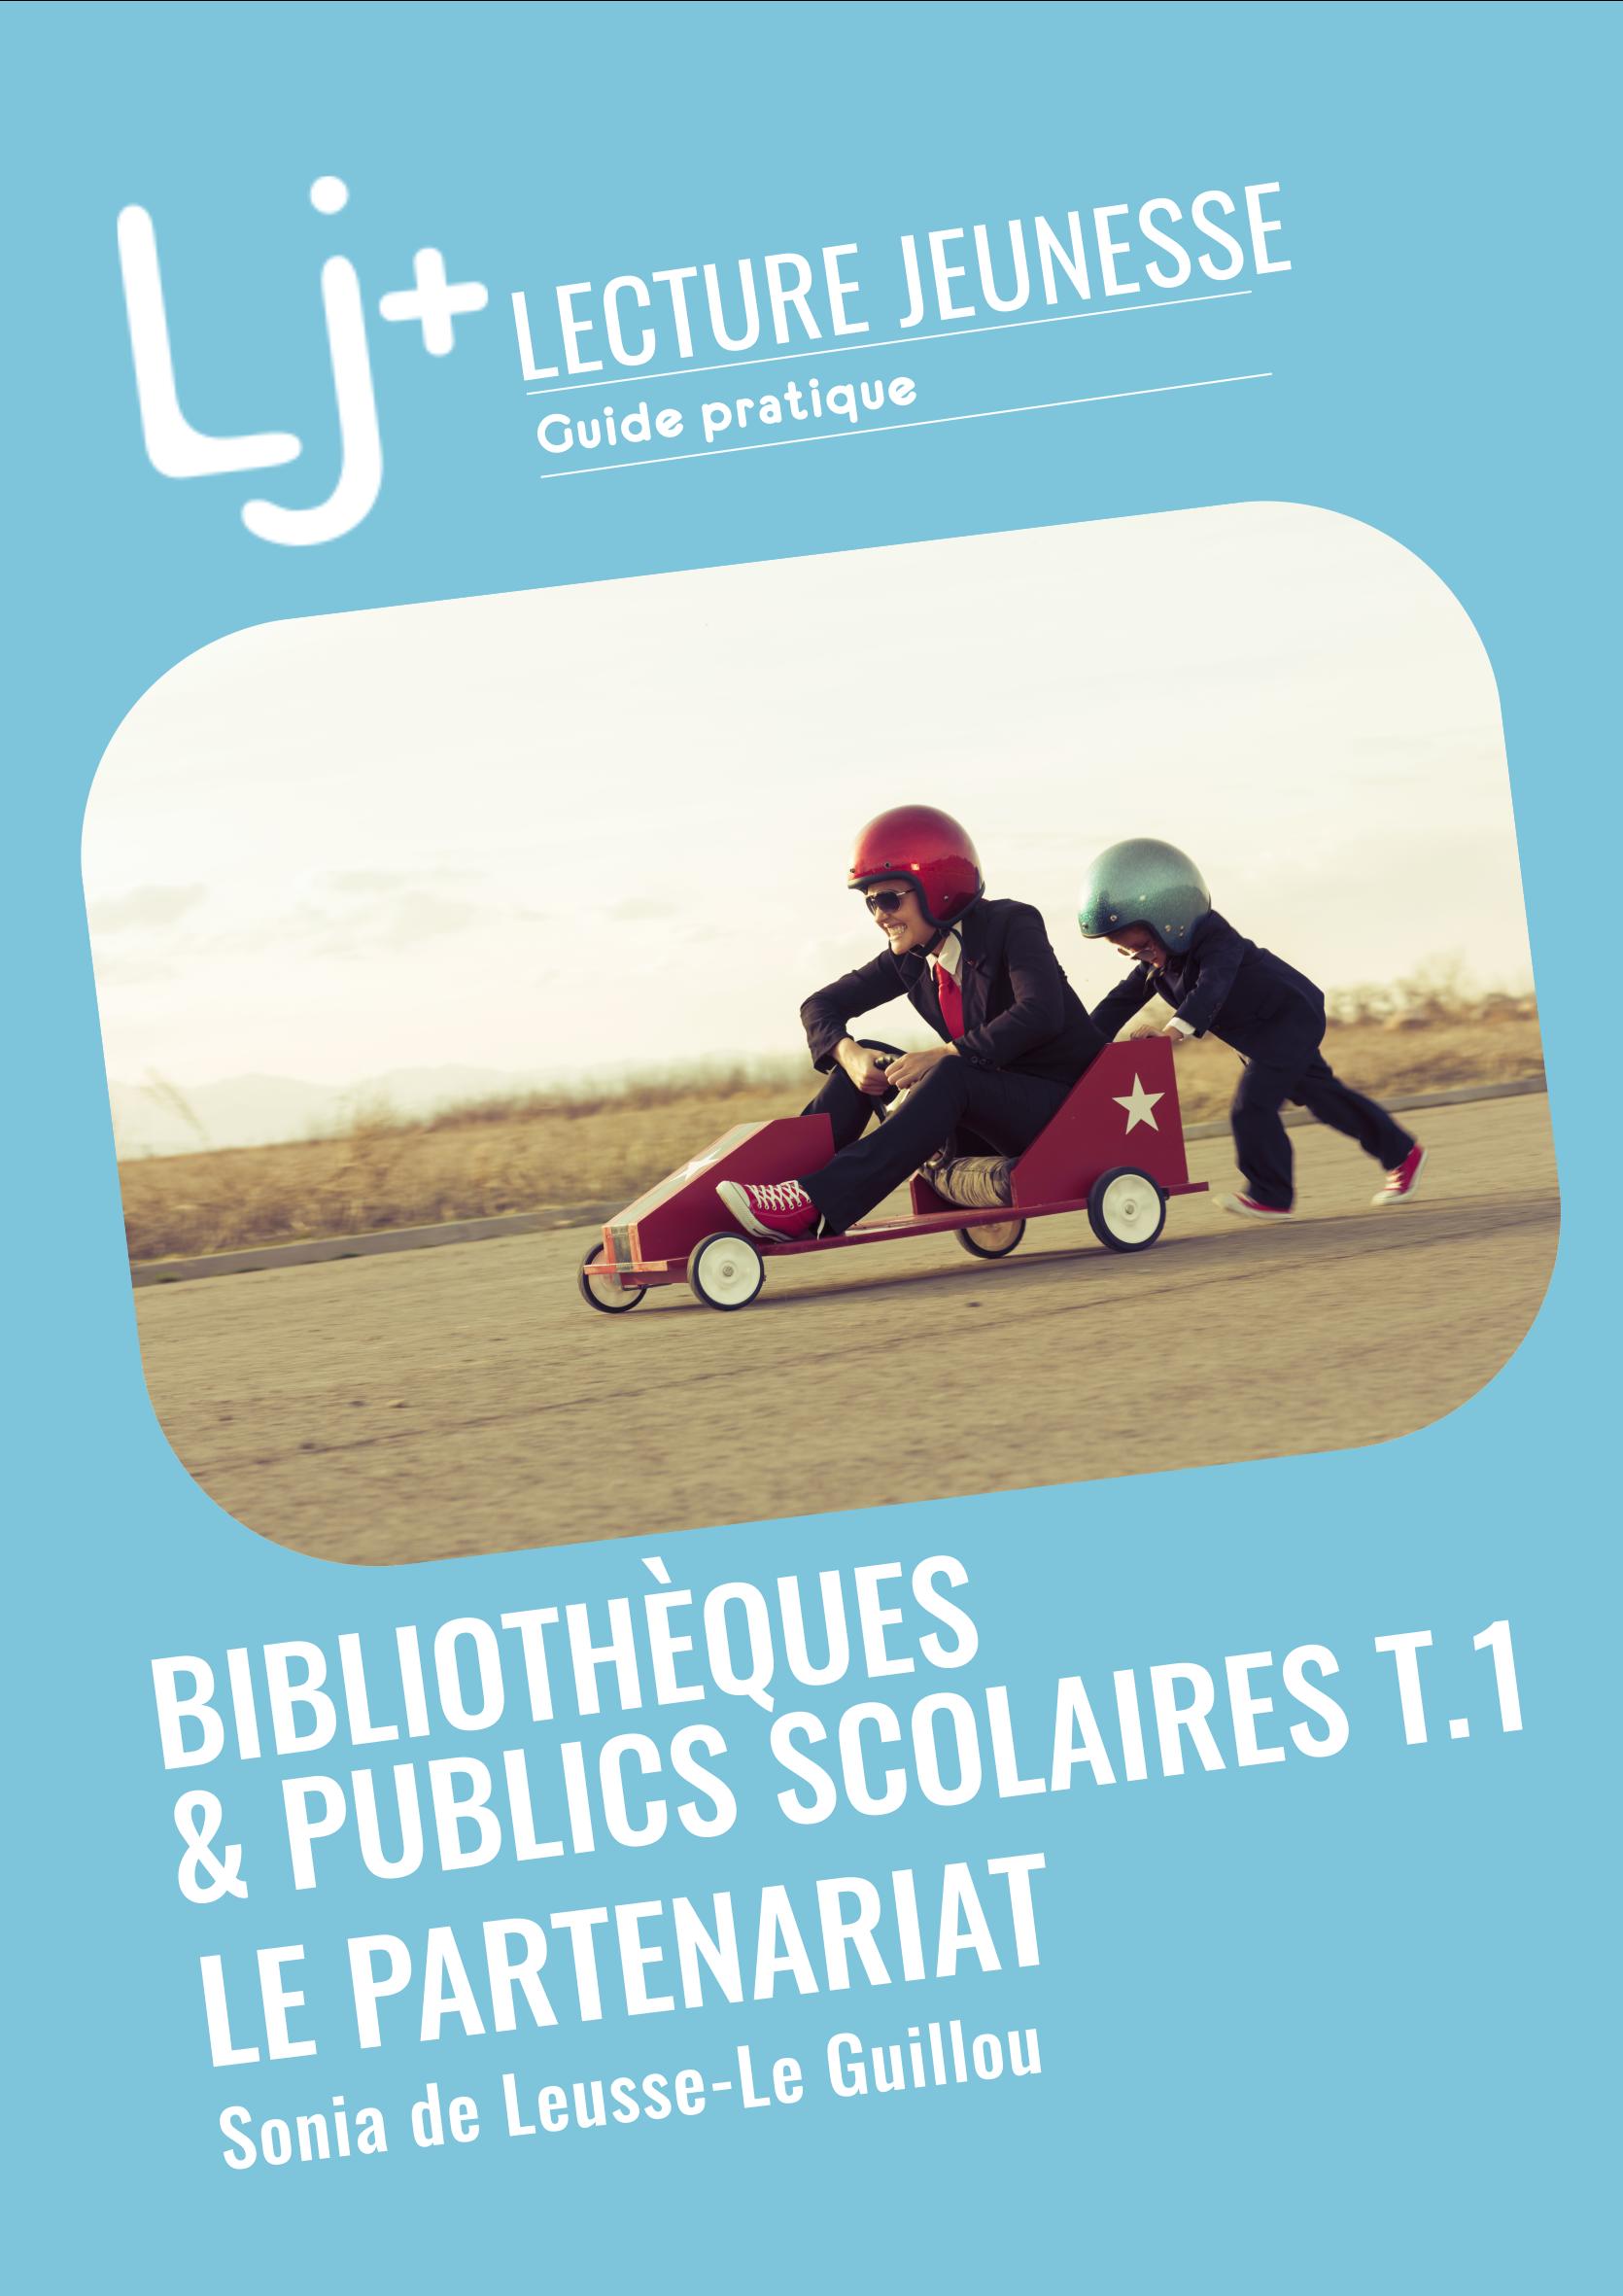 Guide pratique Bibliothèques & publics scolaires T1. Le partenariat